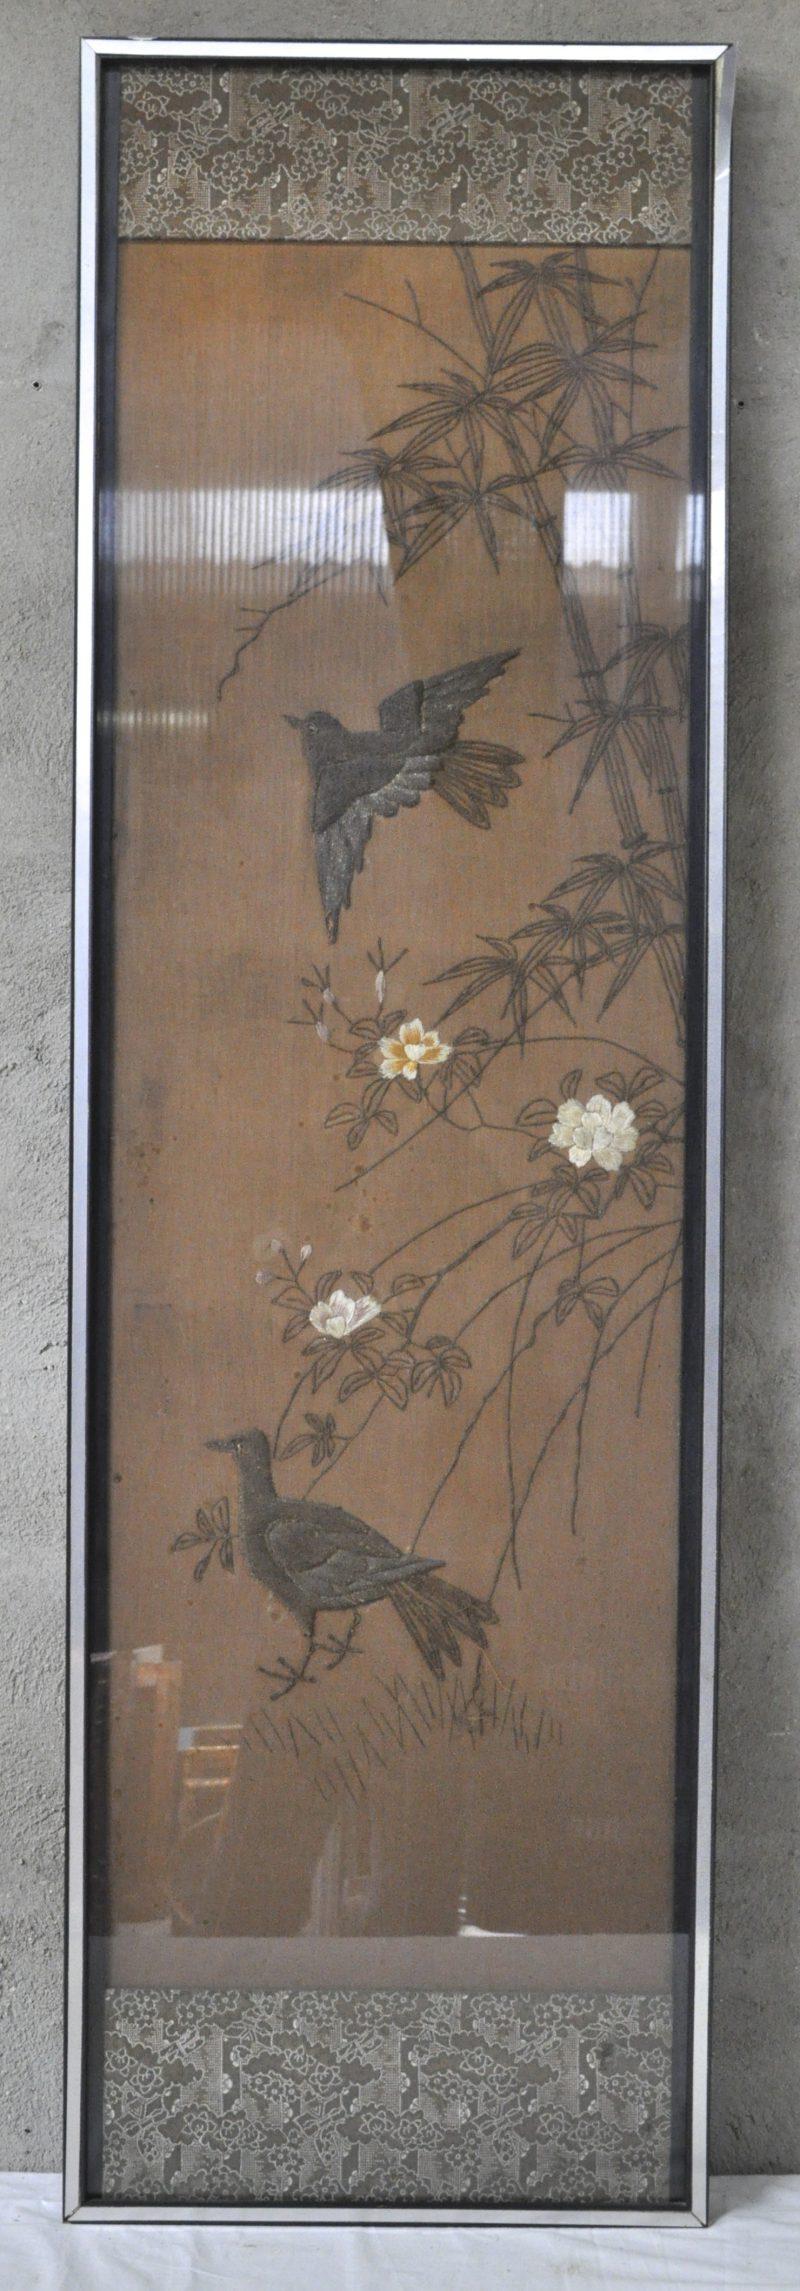 Langwerpig Chinees borduurwerk met vogels en planten. Ingelijst.